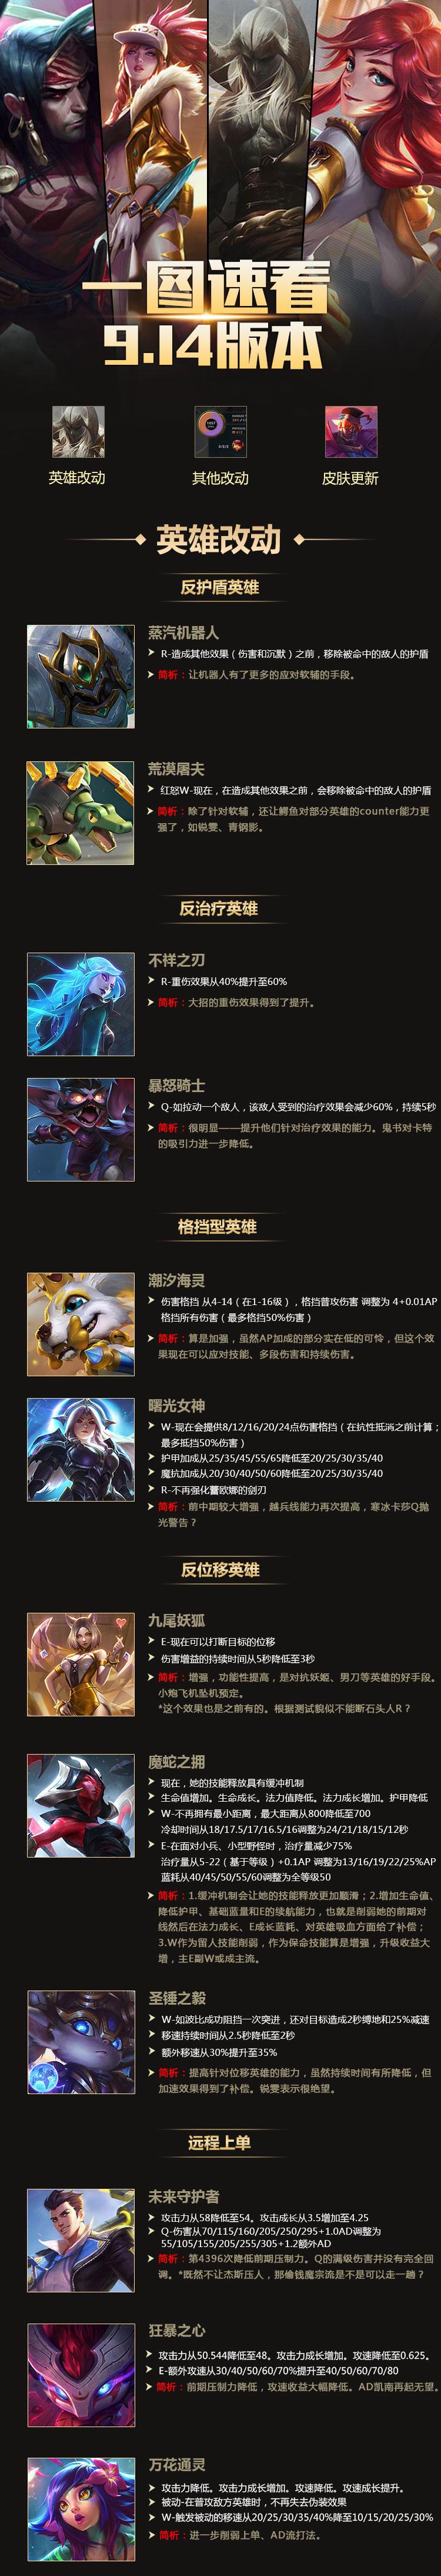 一图速看9.14版本改动 剑魔领衔众多英雄改动